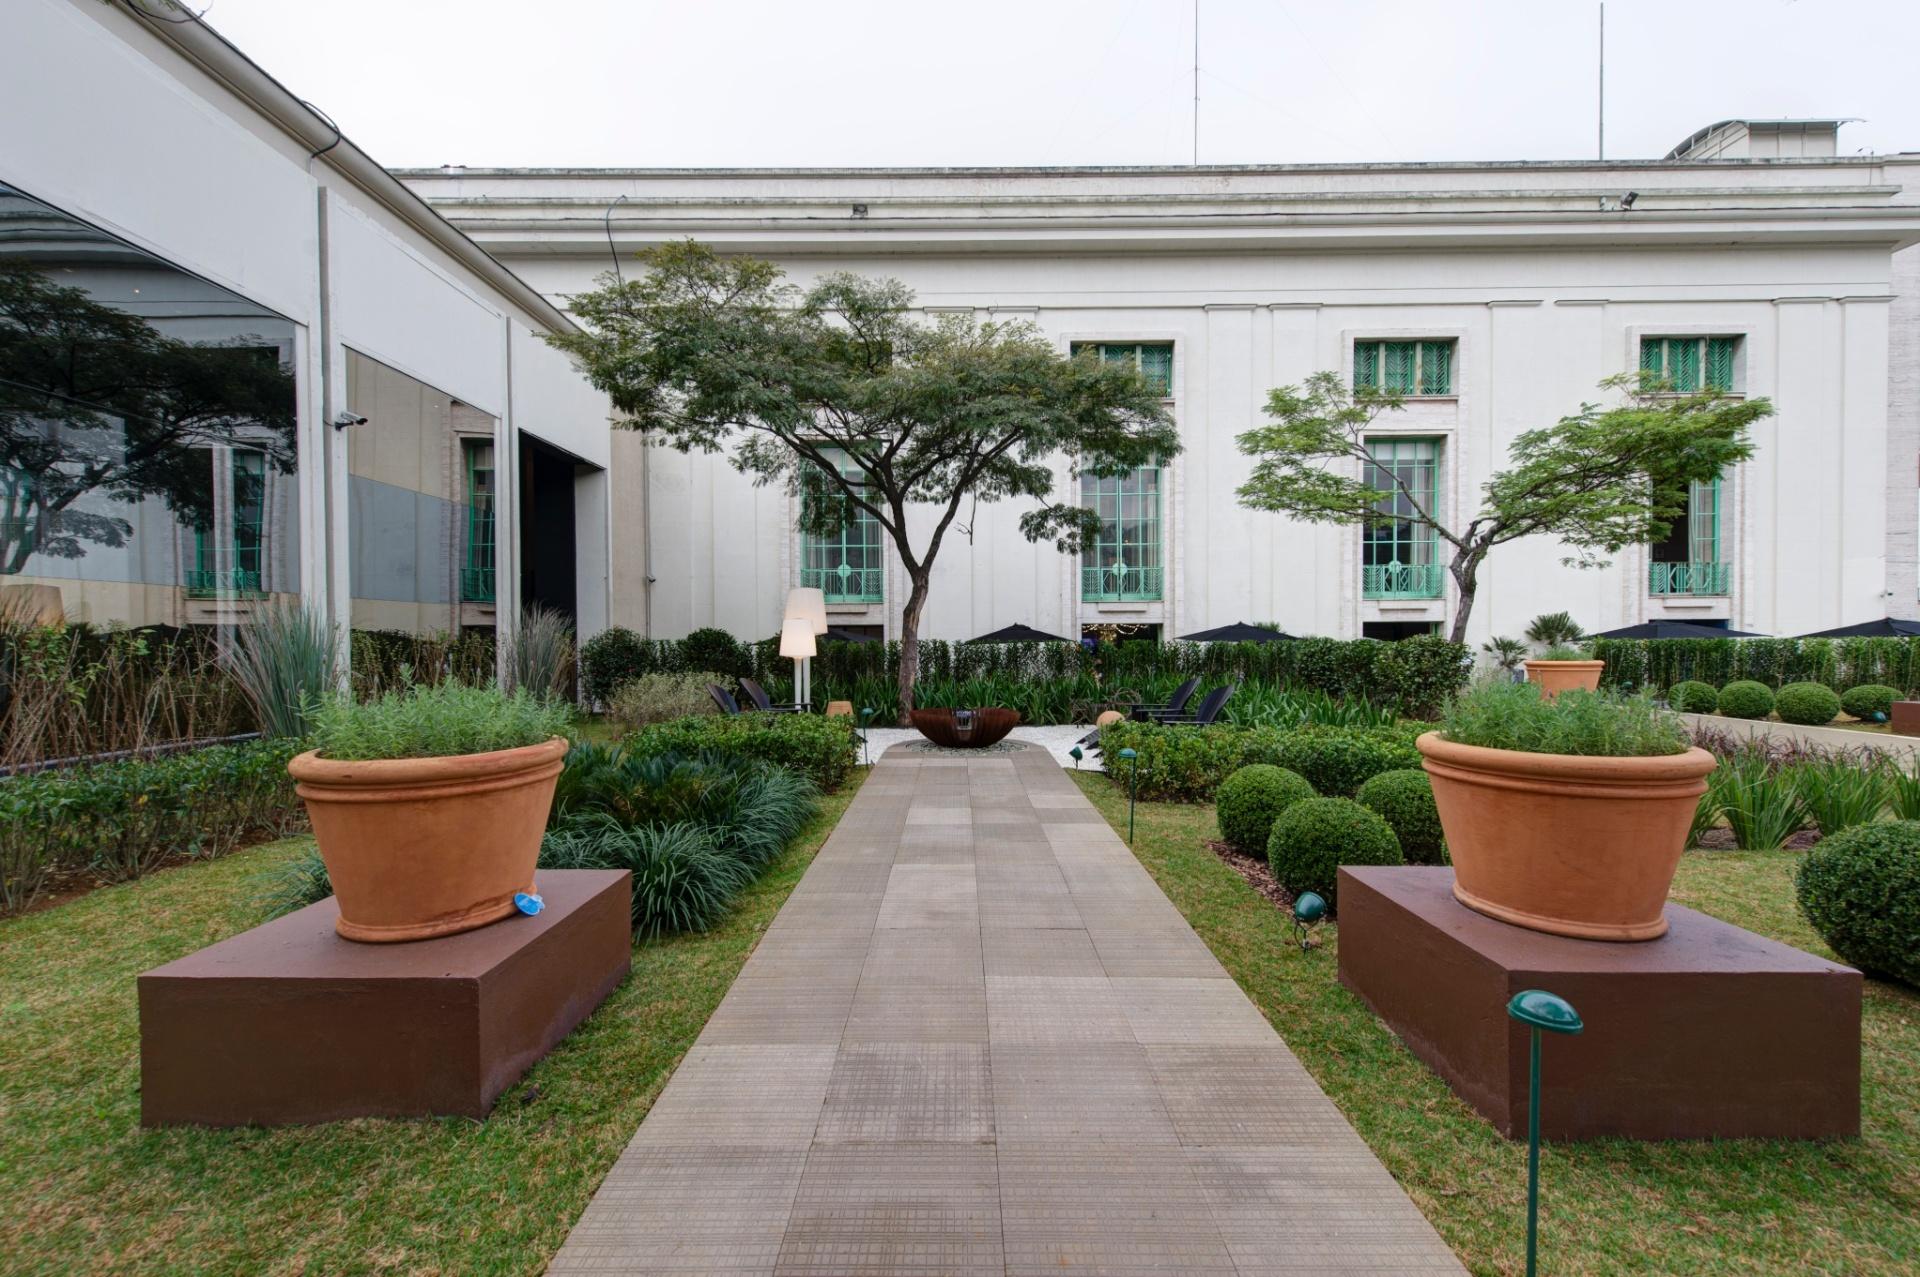 O Jardim das Casas, projeto paisagístico de 800 m², assinado por Roberto Riscala, conta com piso antiderrapante que dispensa o uso de rejunte. A 27ª Casa Cor SP segue até dia 21 de julho de 2013, no Jockey Club de São Paulo